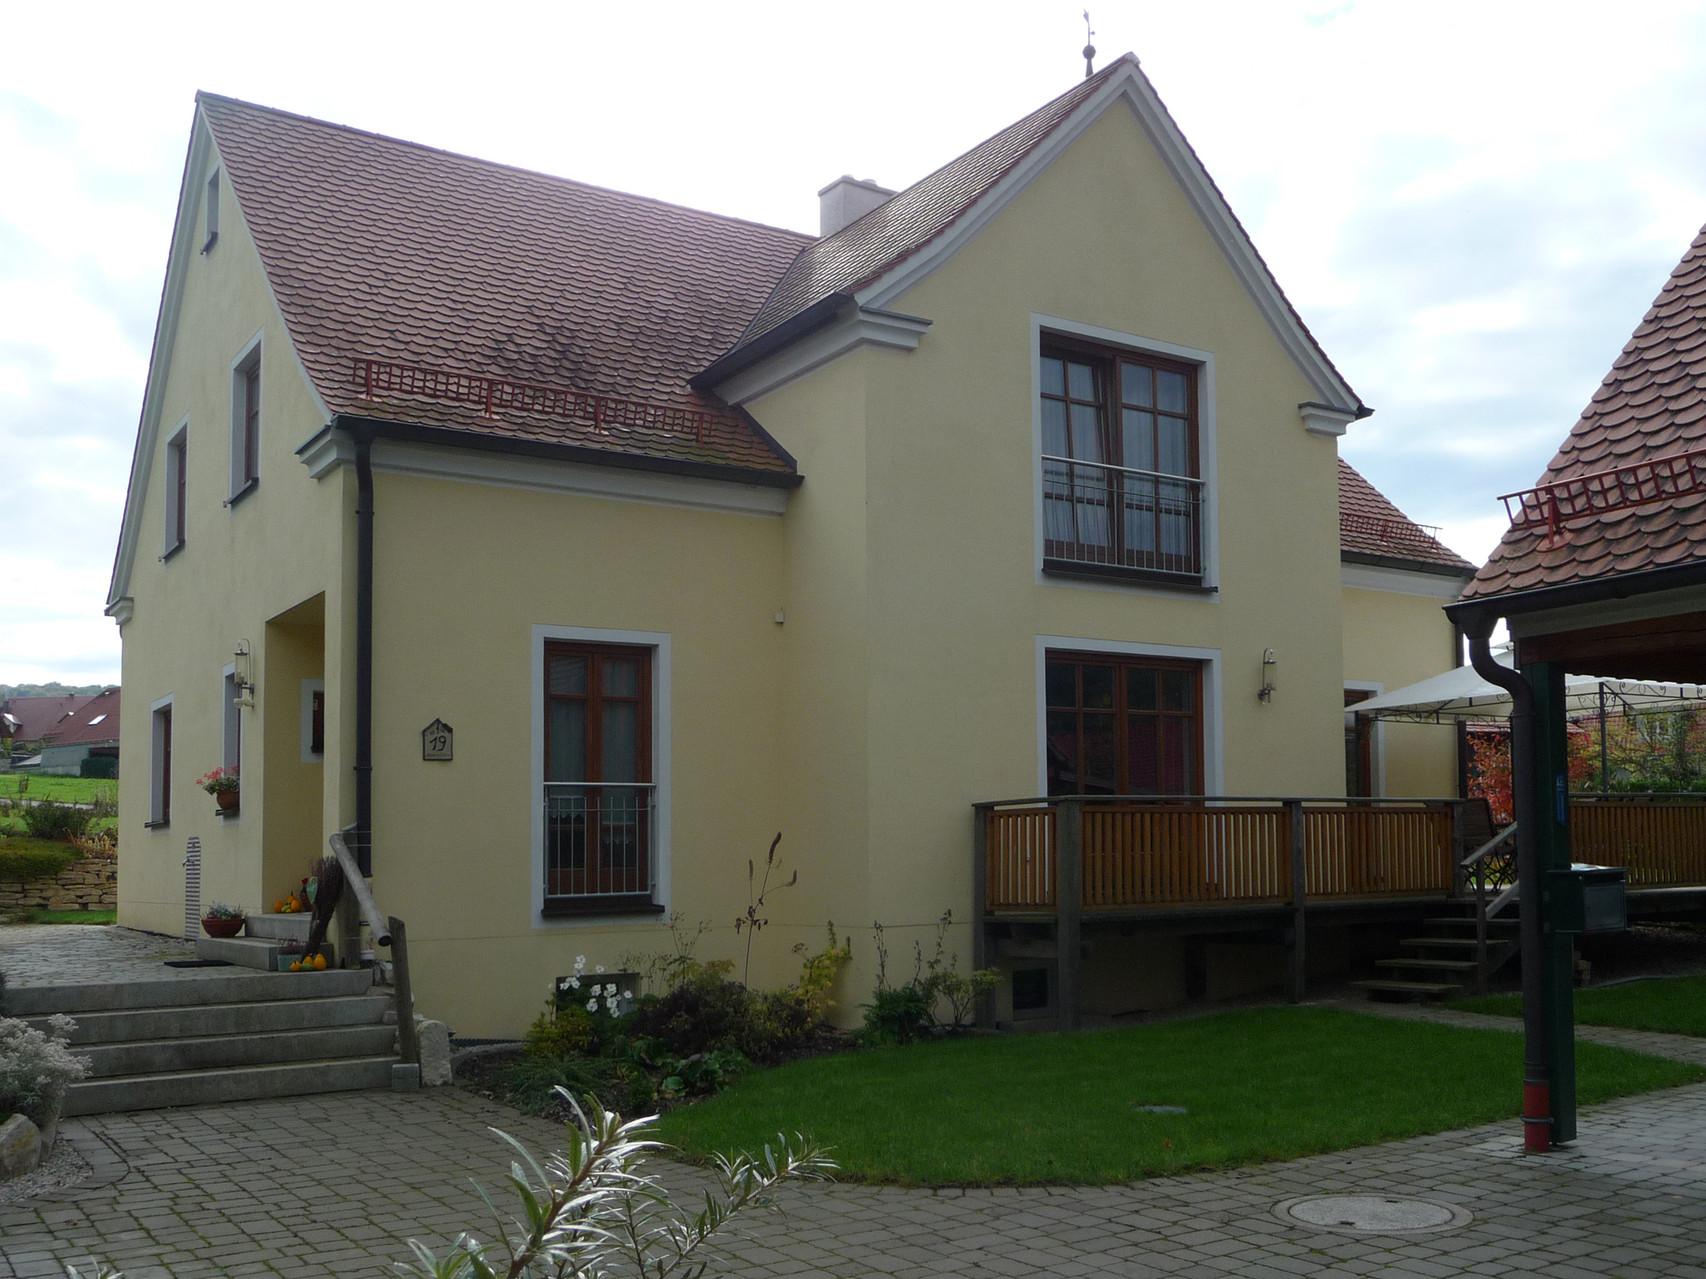 Projekt: Außenputz Einfamilienhaus